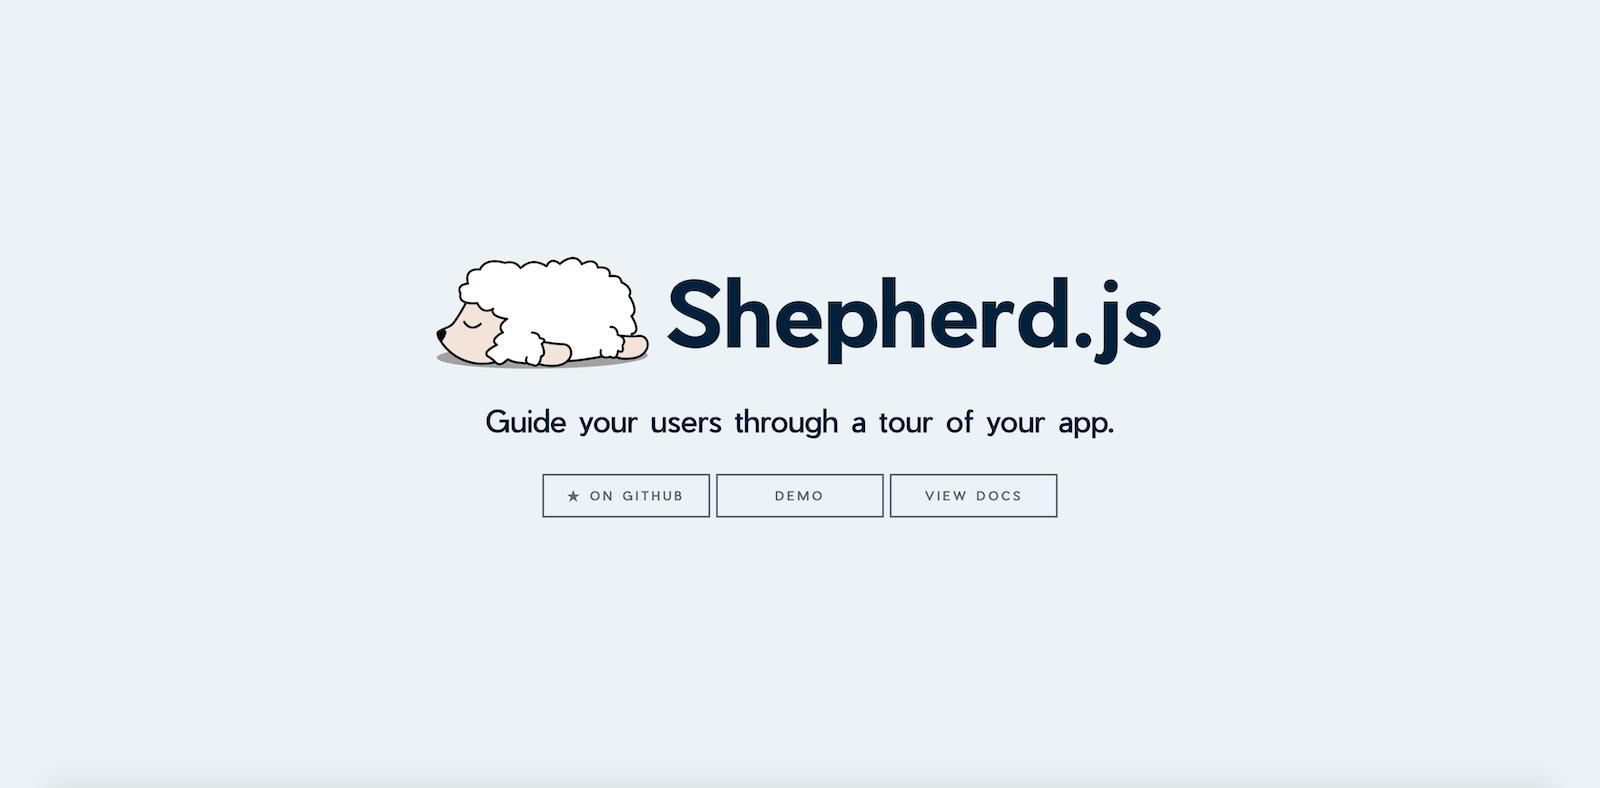 Shepherd.js Landing Page